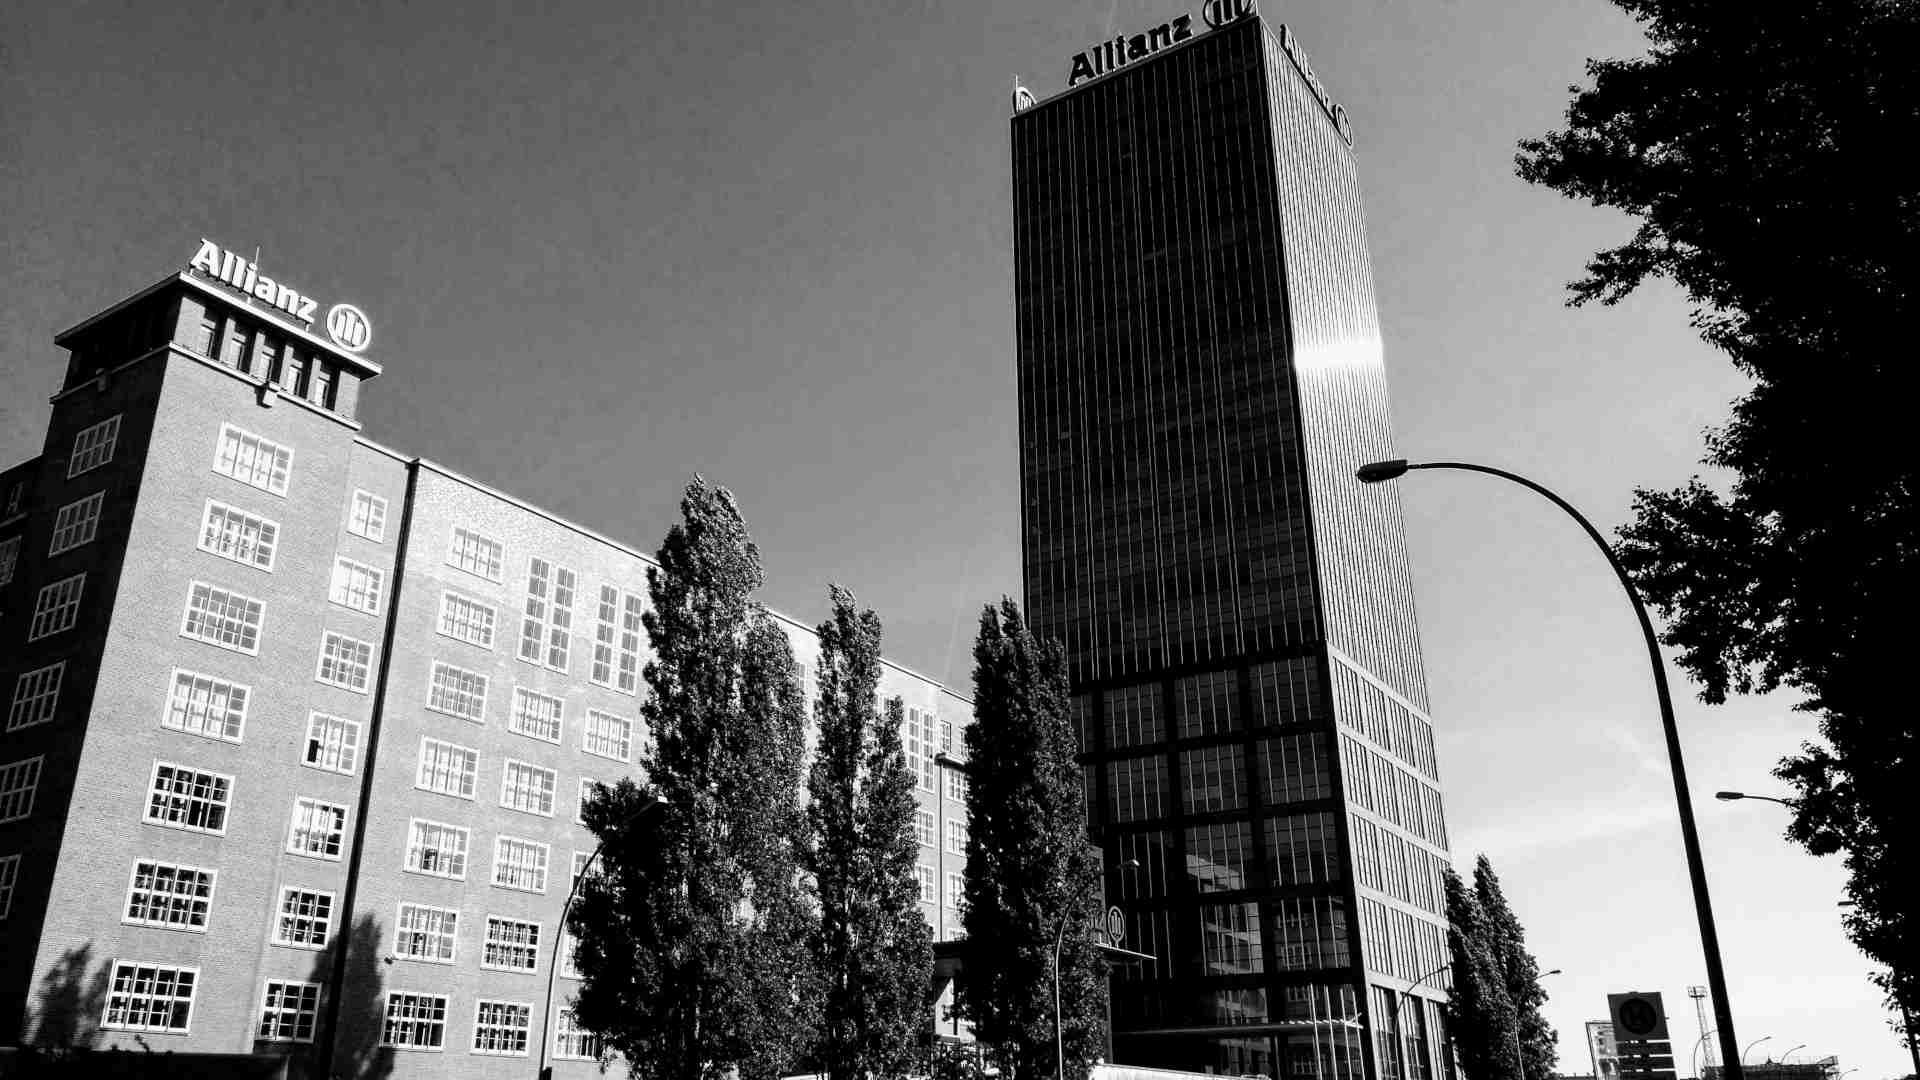 Die Gebäudeversicherung der Wohnungseigentümergemeinschaft – und der Anspruch des Wohnungseigentümers